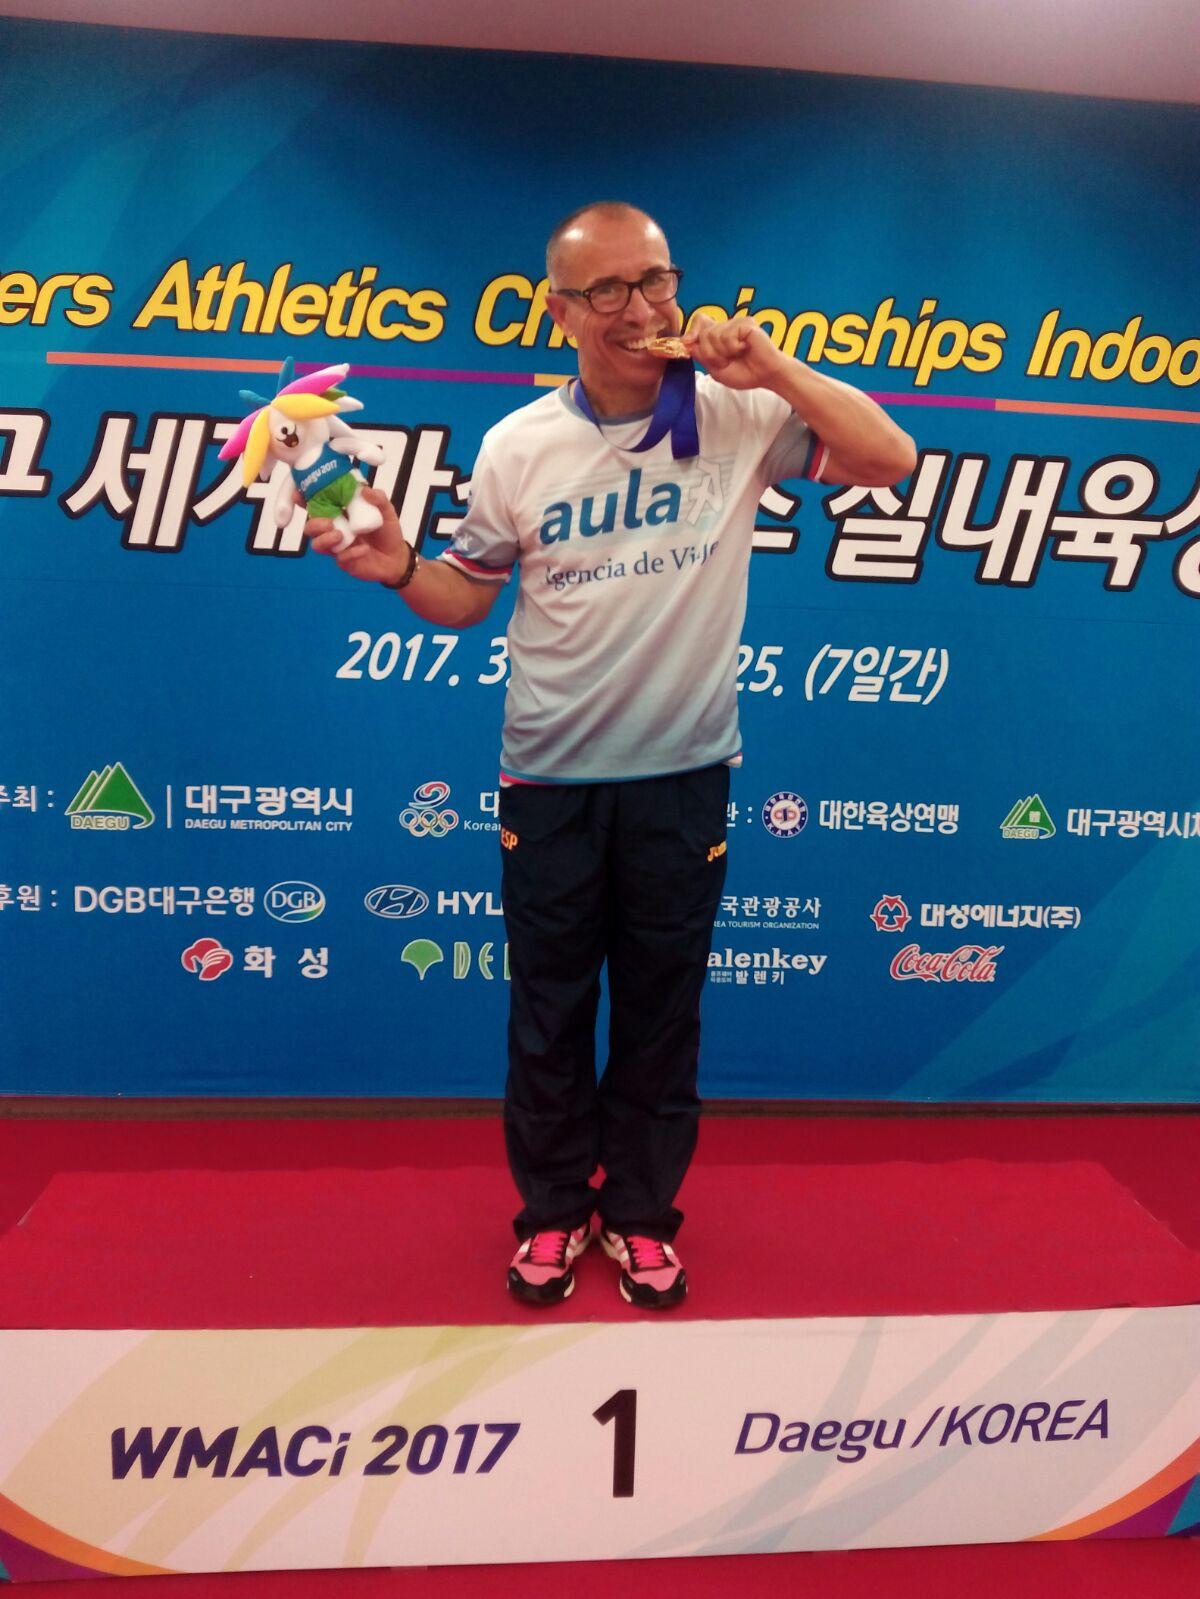 Miguel Periañez Campeón del Mundo en los 3KM Marcha